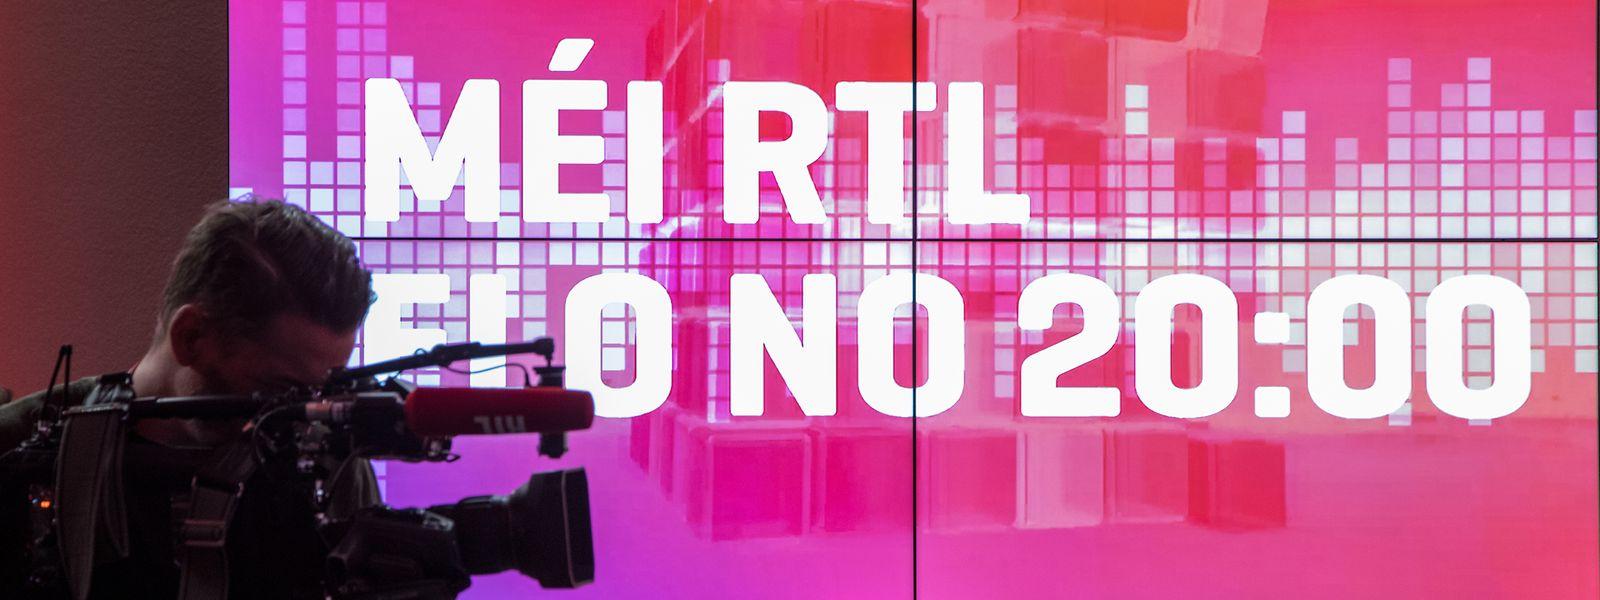 Das RTL-Fernsehprogramm in Luxemburg ist für die RTL Group ein Verlustgeschäft.